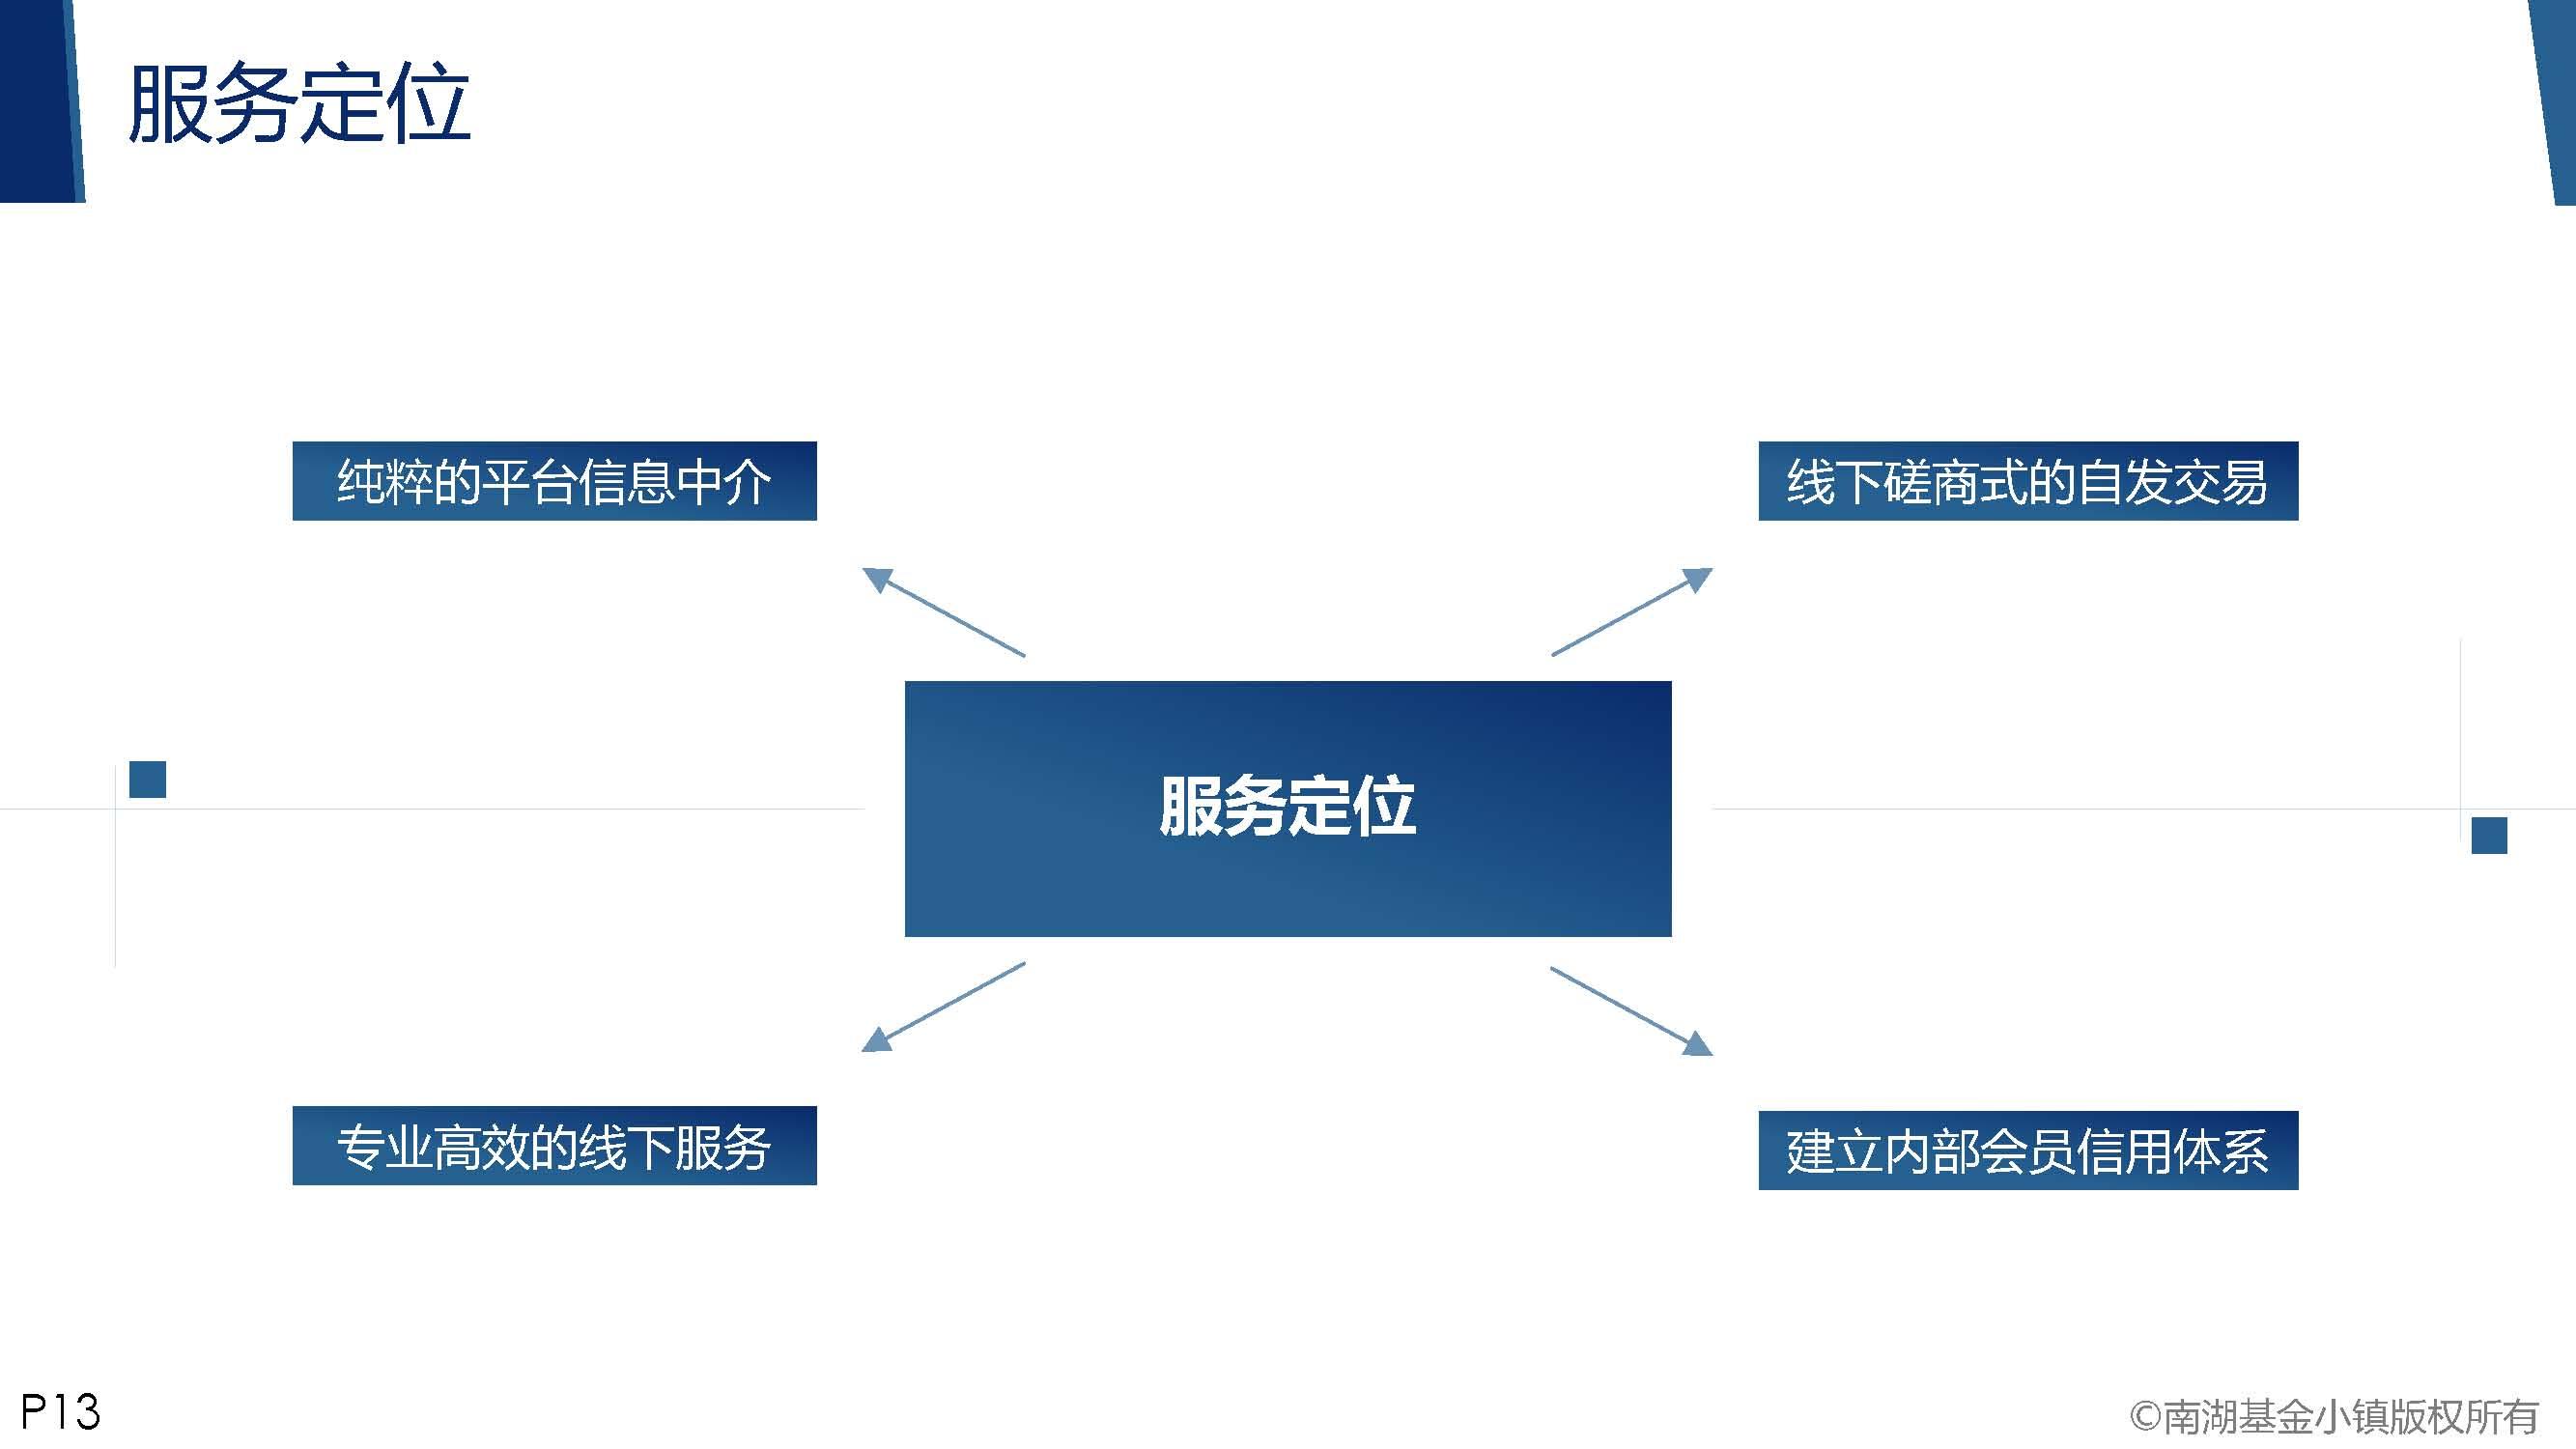 南湖基金小镇投融圈-内部转让信息对接服务平台介绍(6月26日修改稿)_页面_13.jpg